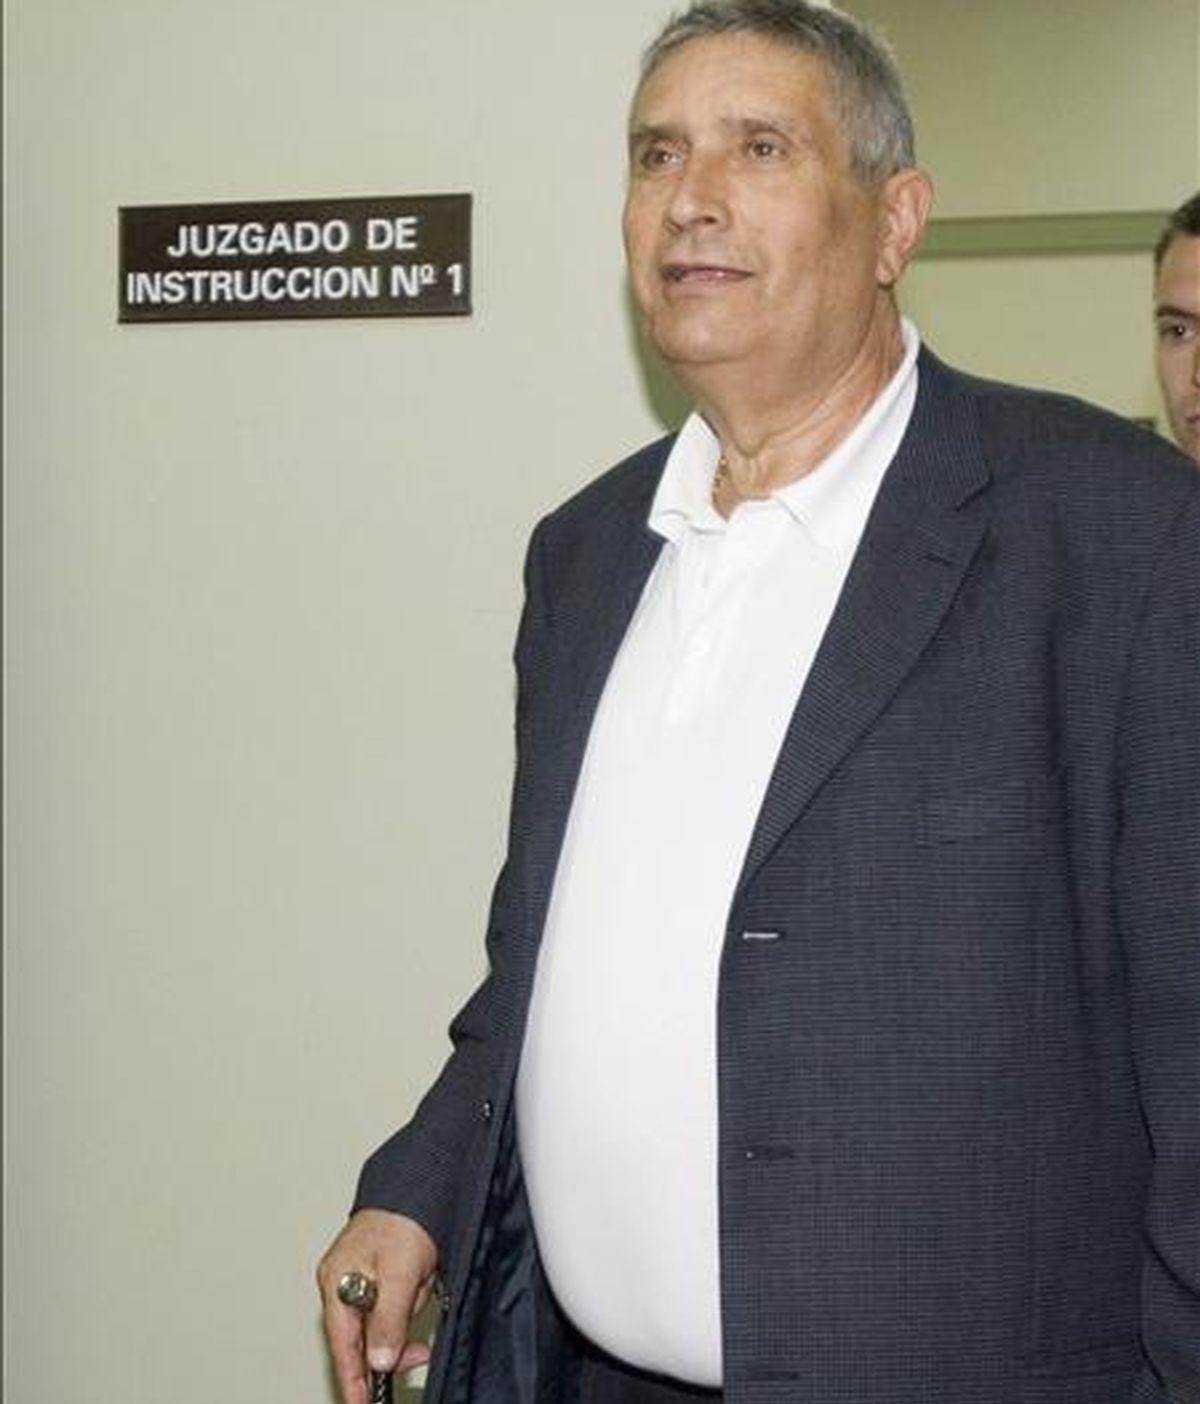 El ex alcalde de Santa Brígida Carmelo Vega. EFE/Archivo